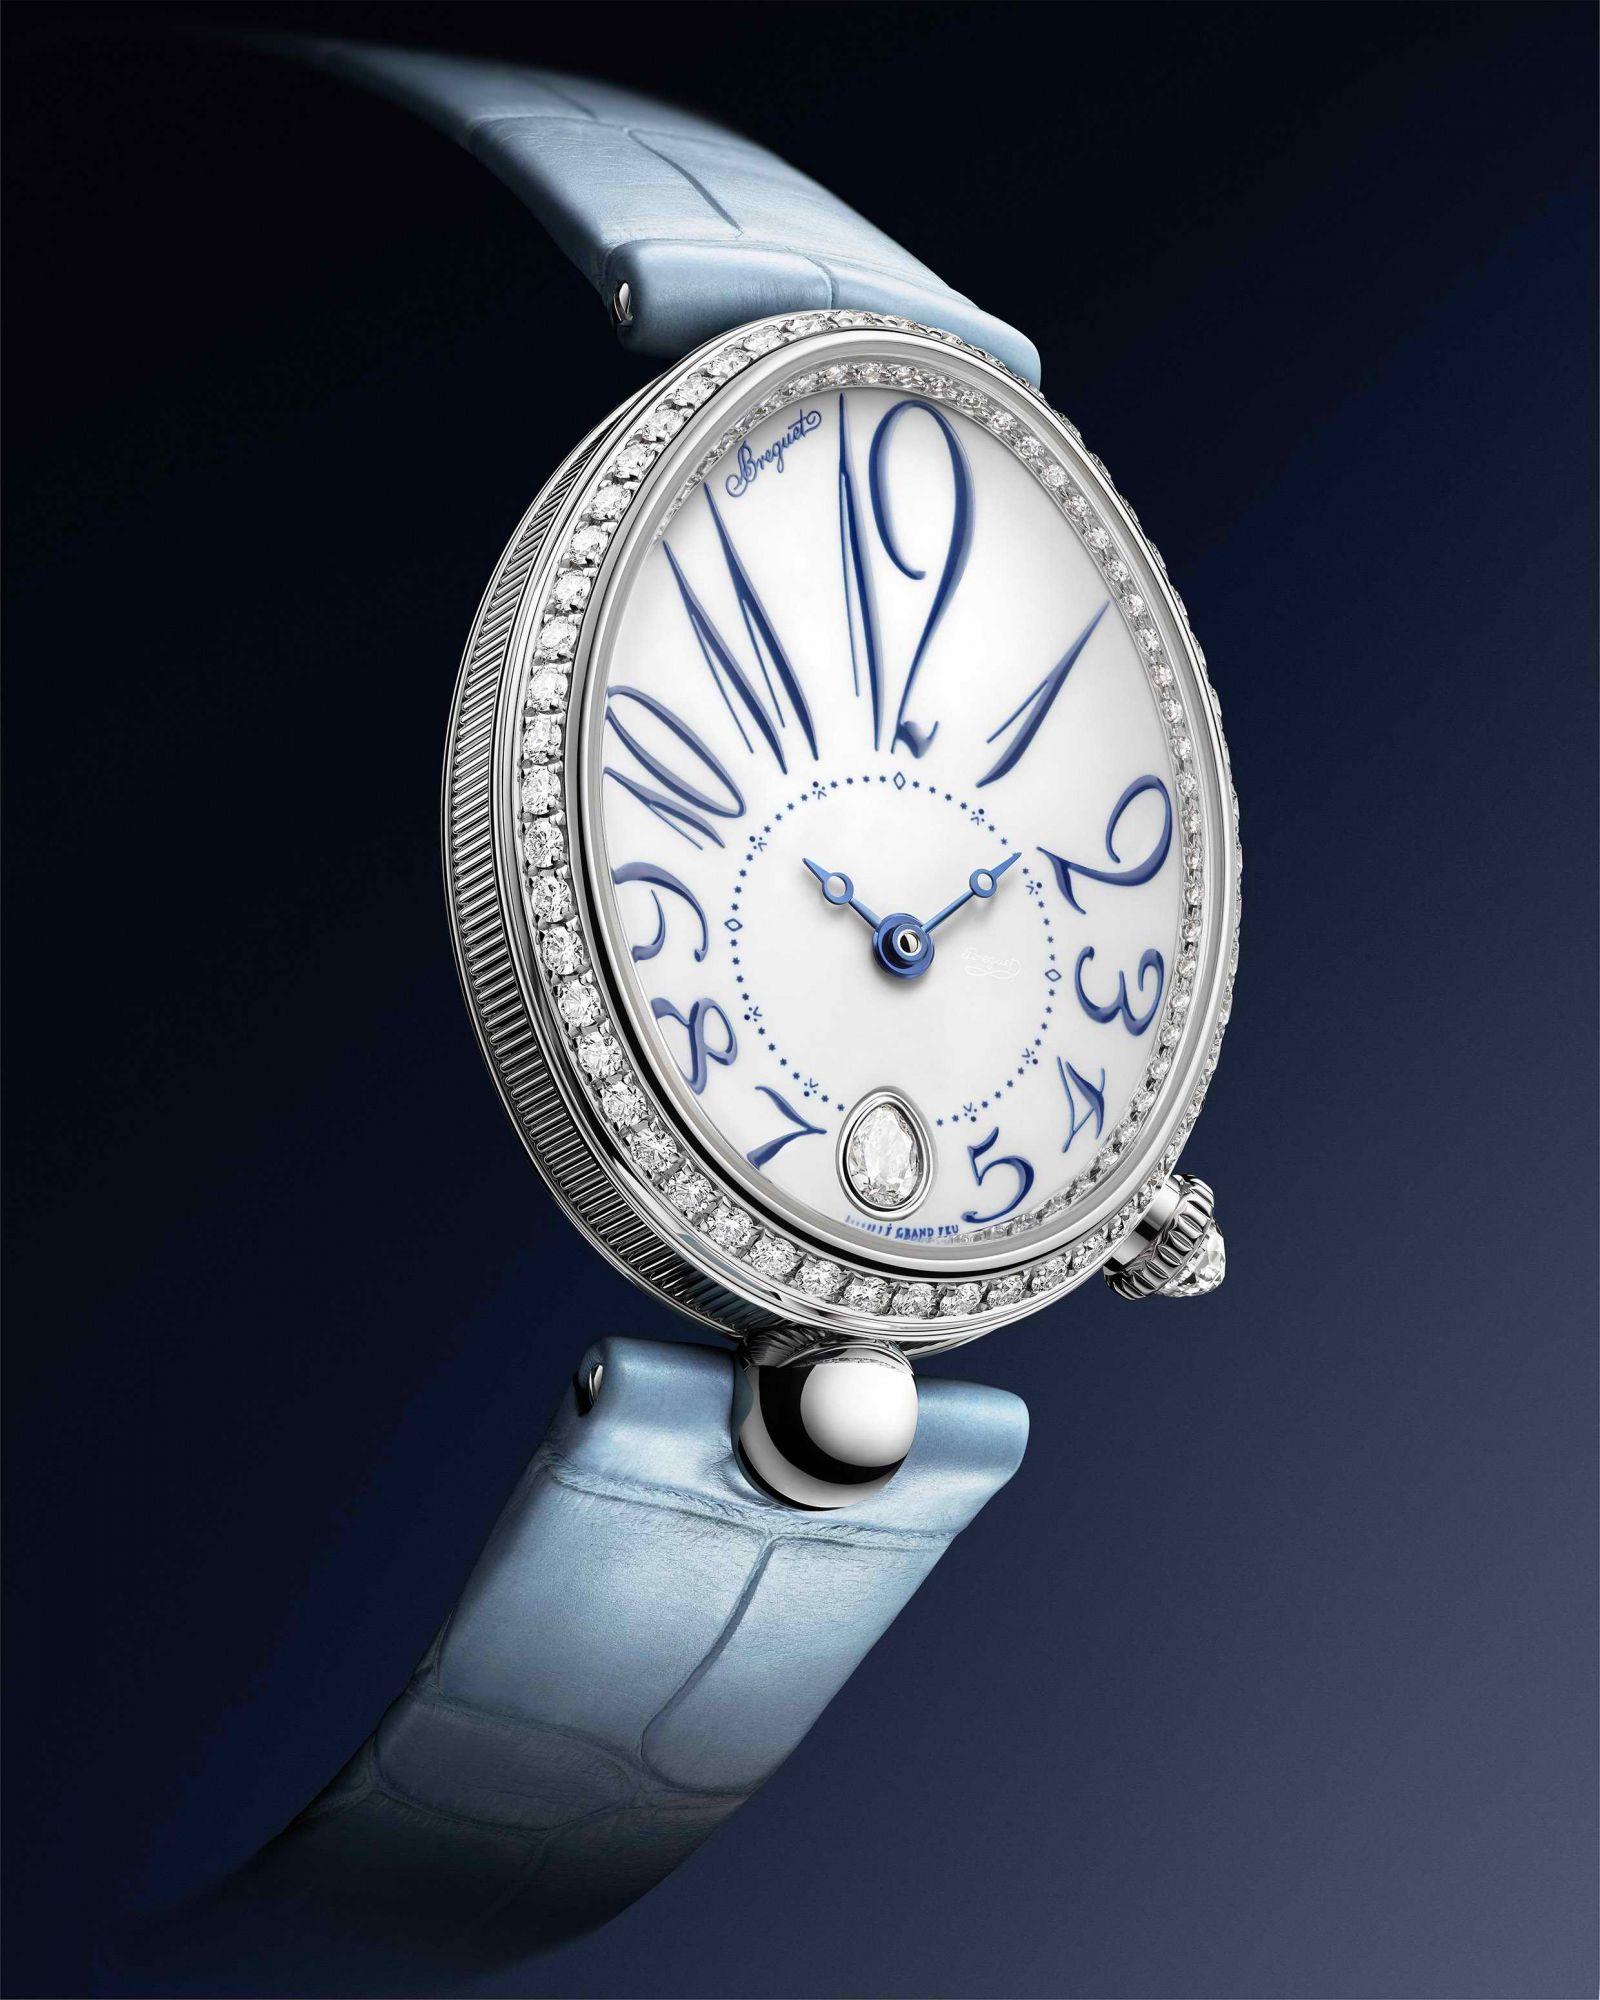 全新那不勒斯王后系列Reine de Naples 8918鑽錶by Breguet。